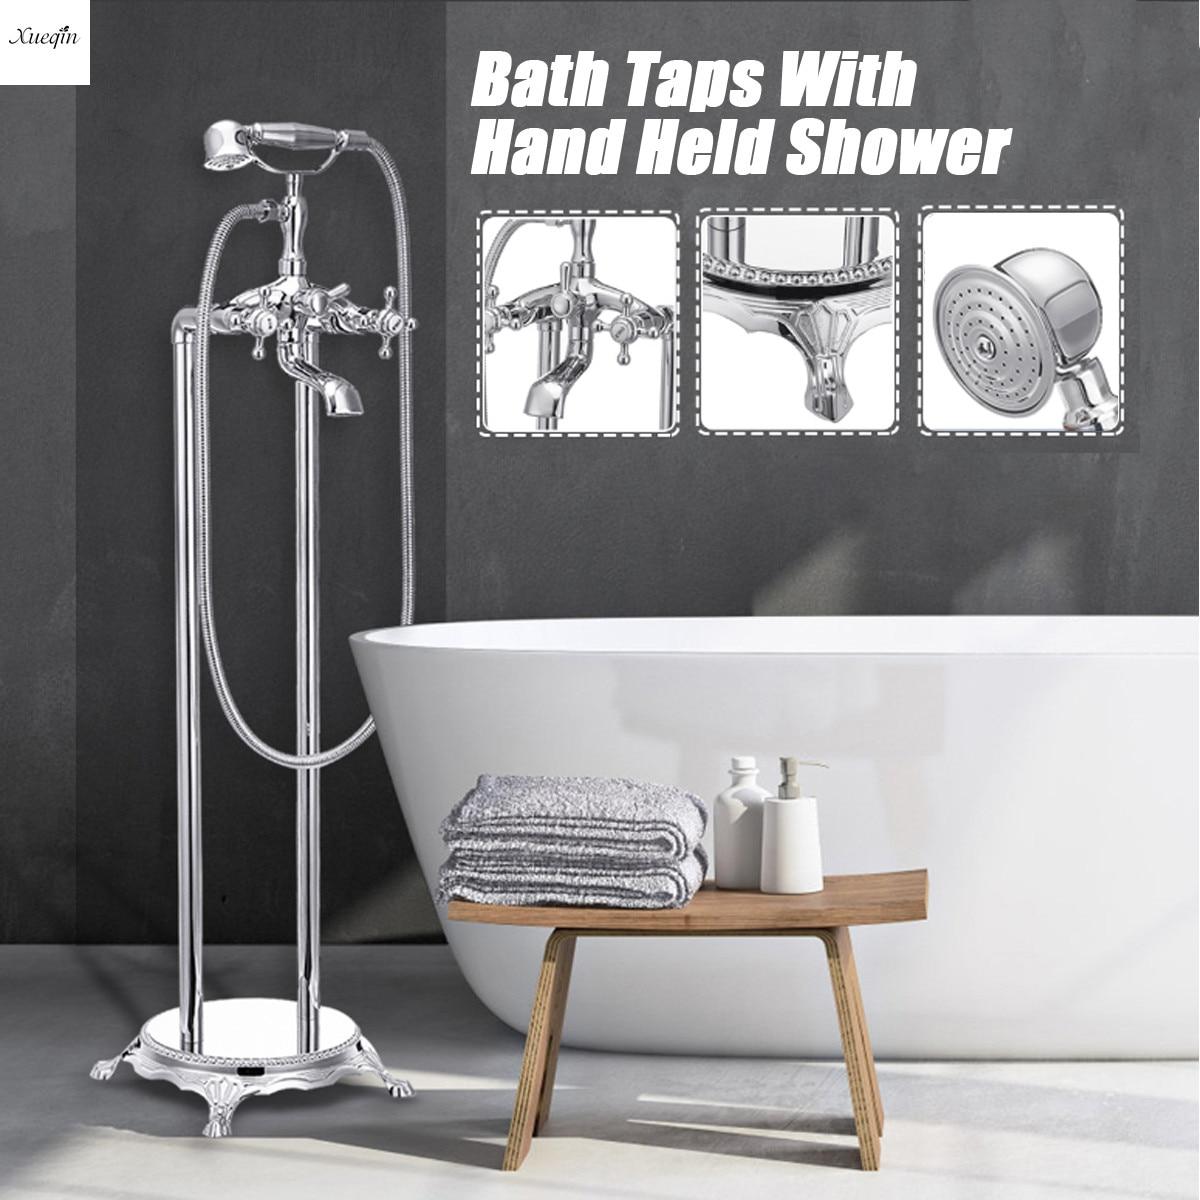 Хромированный латунный Напольный Торшер, монтируемый Ванна на ножках лапах, смеситель для душа, набор роскошных душевых смесителей для ван